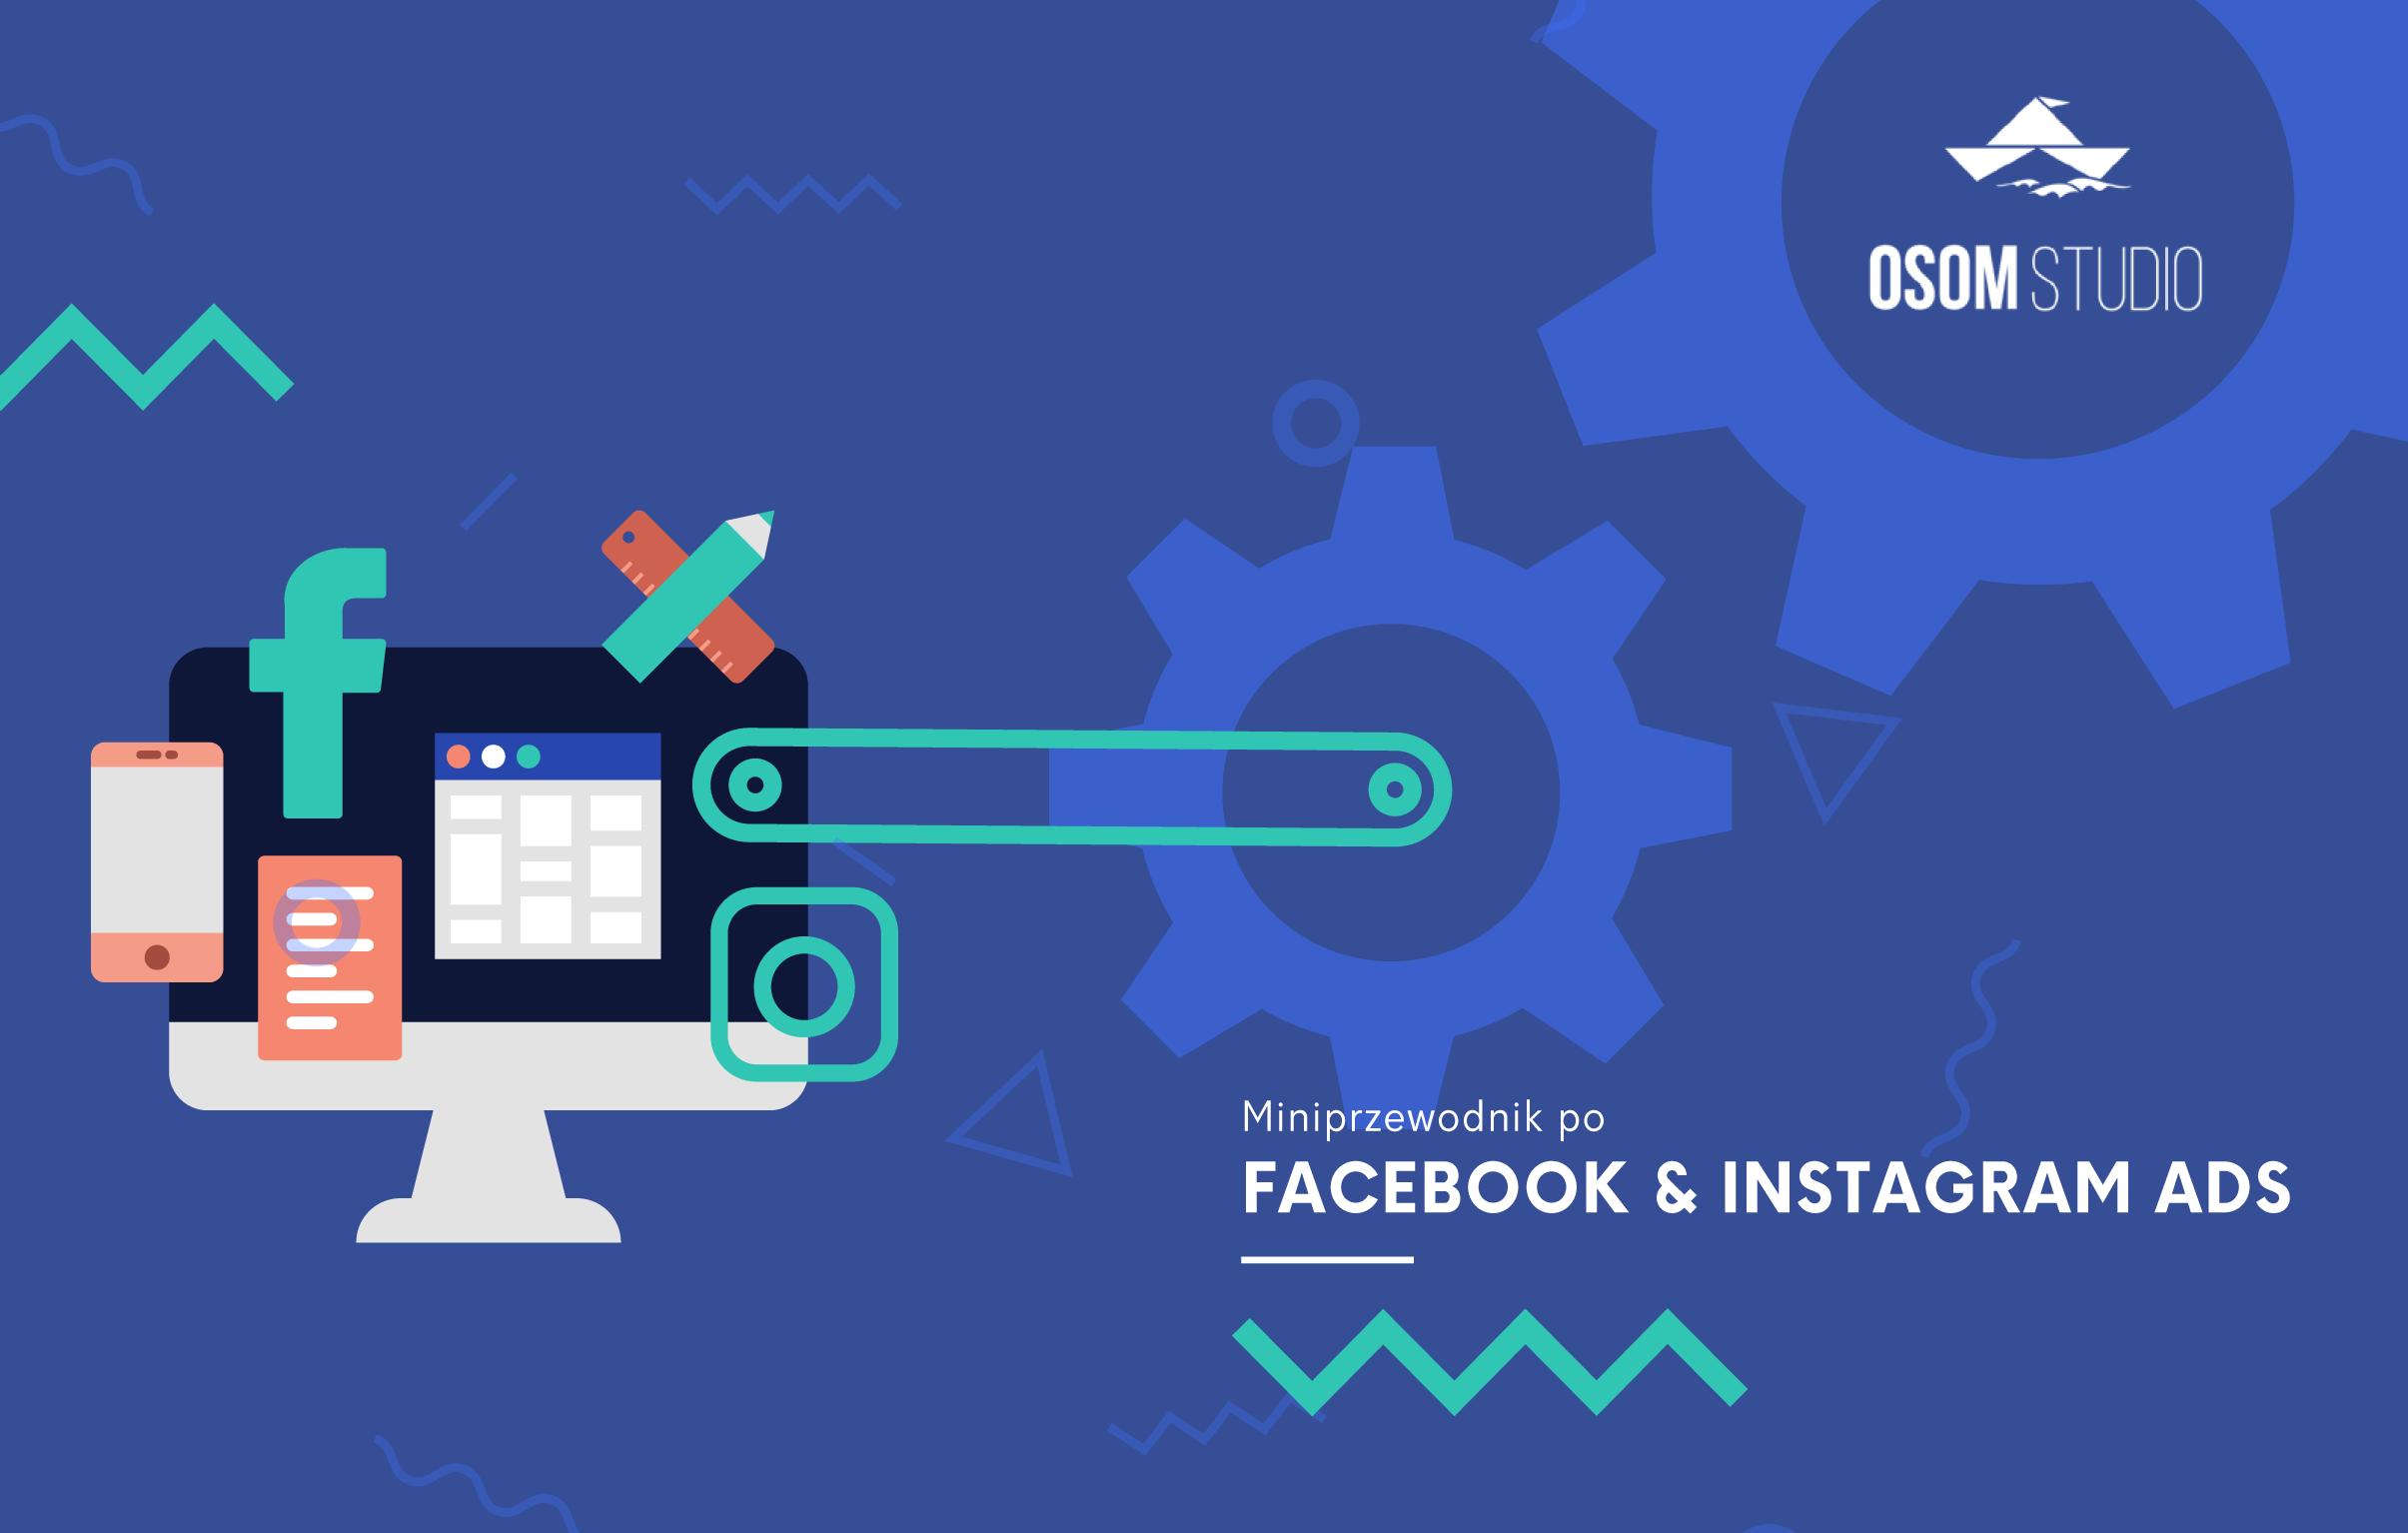 miniprzewodnik_po_Facebook_Insta_Ads_by_OSOM_STUDIO_1